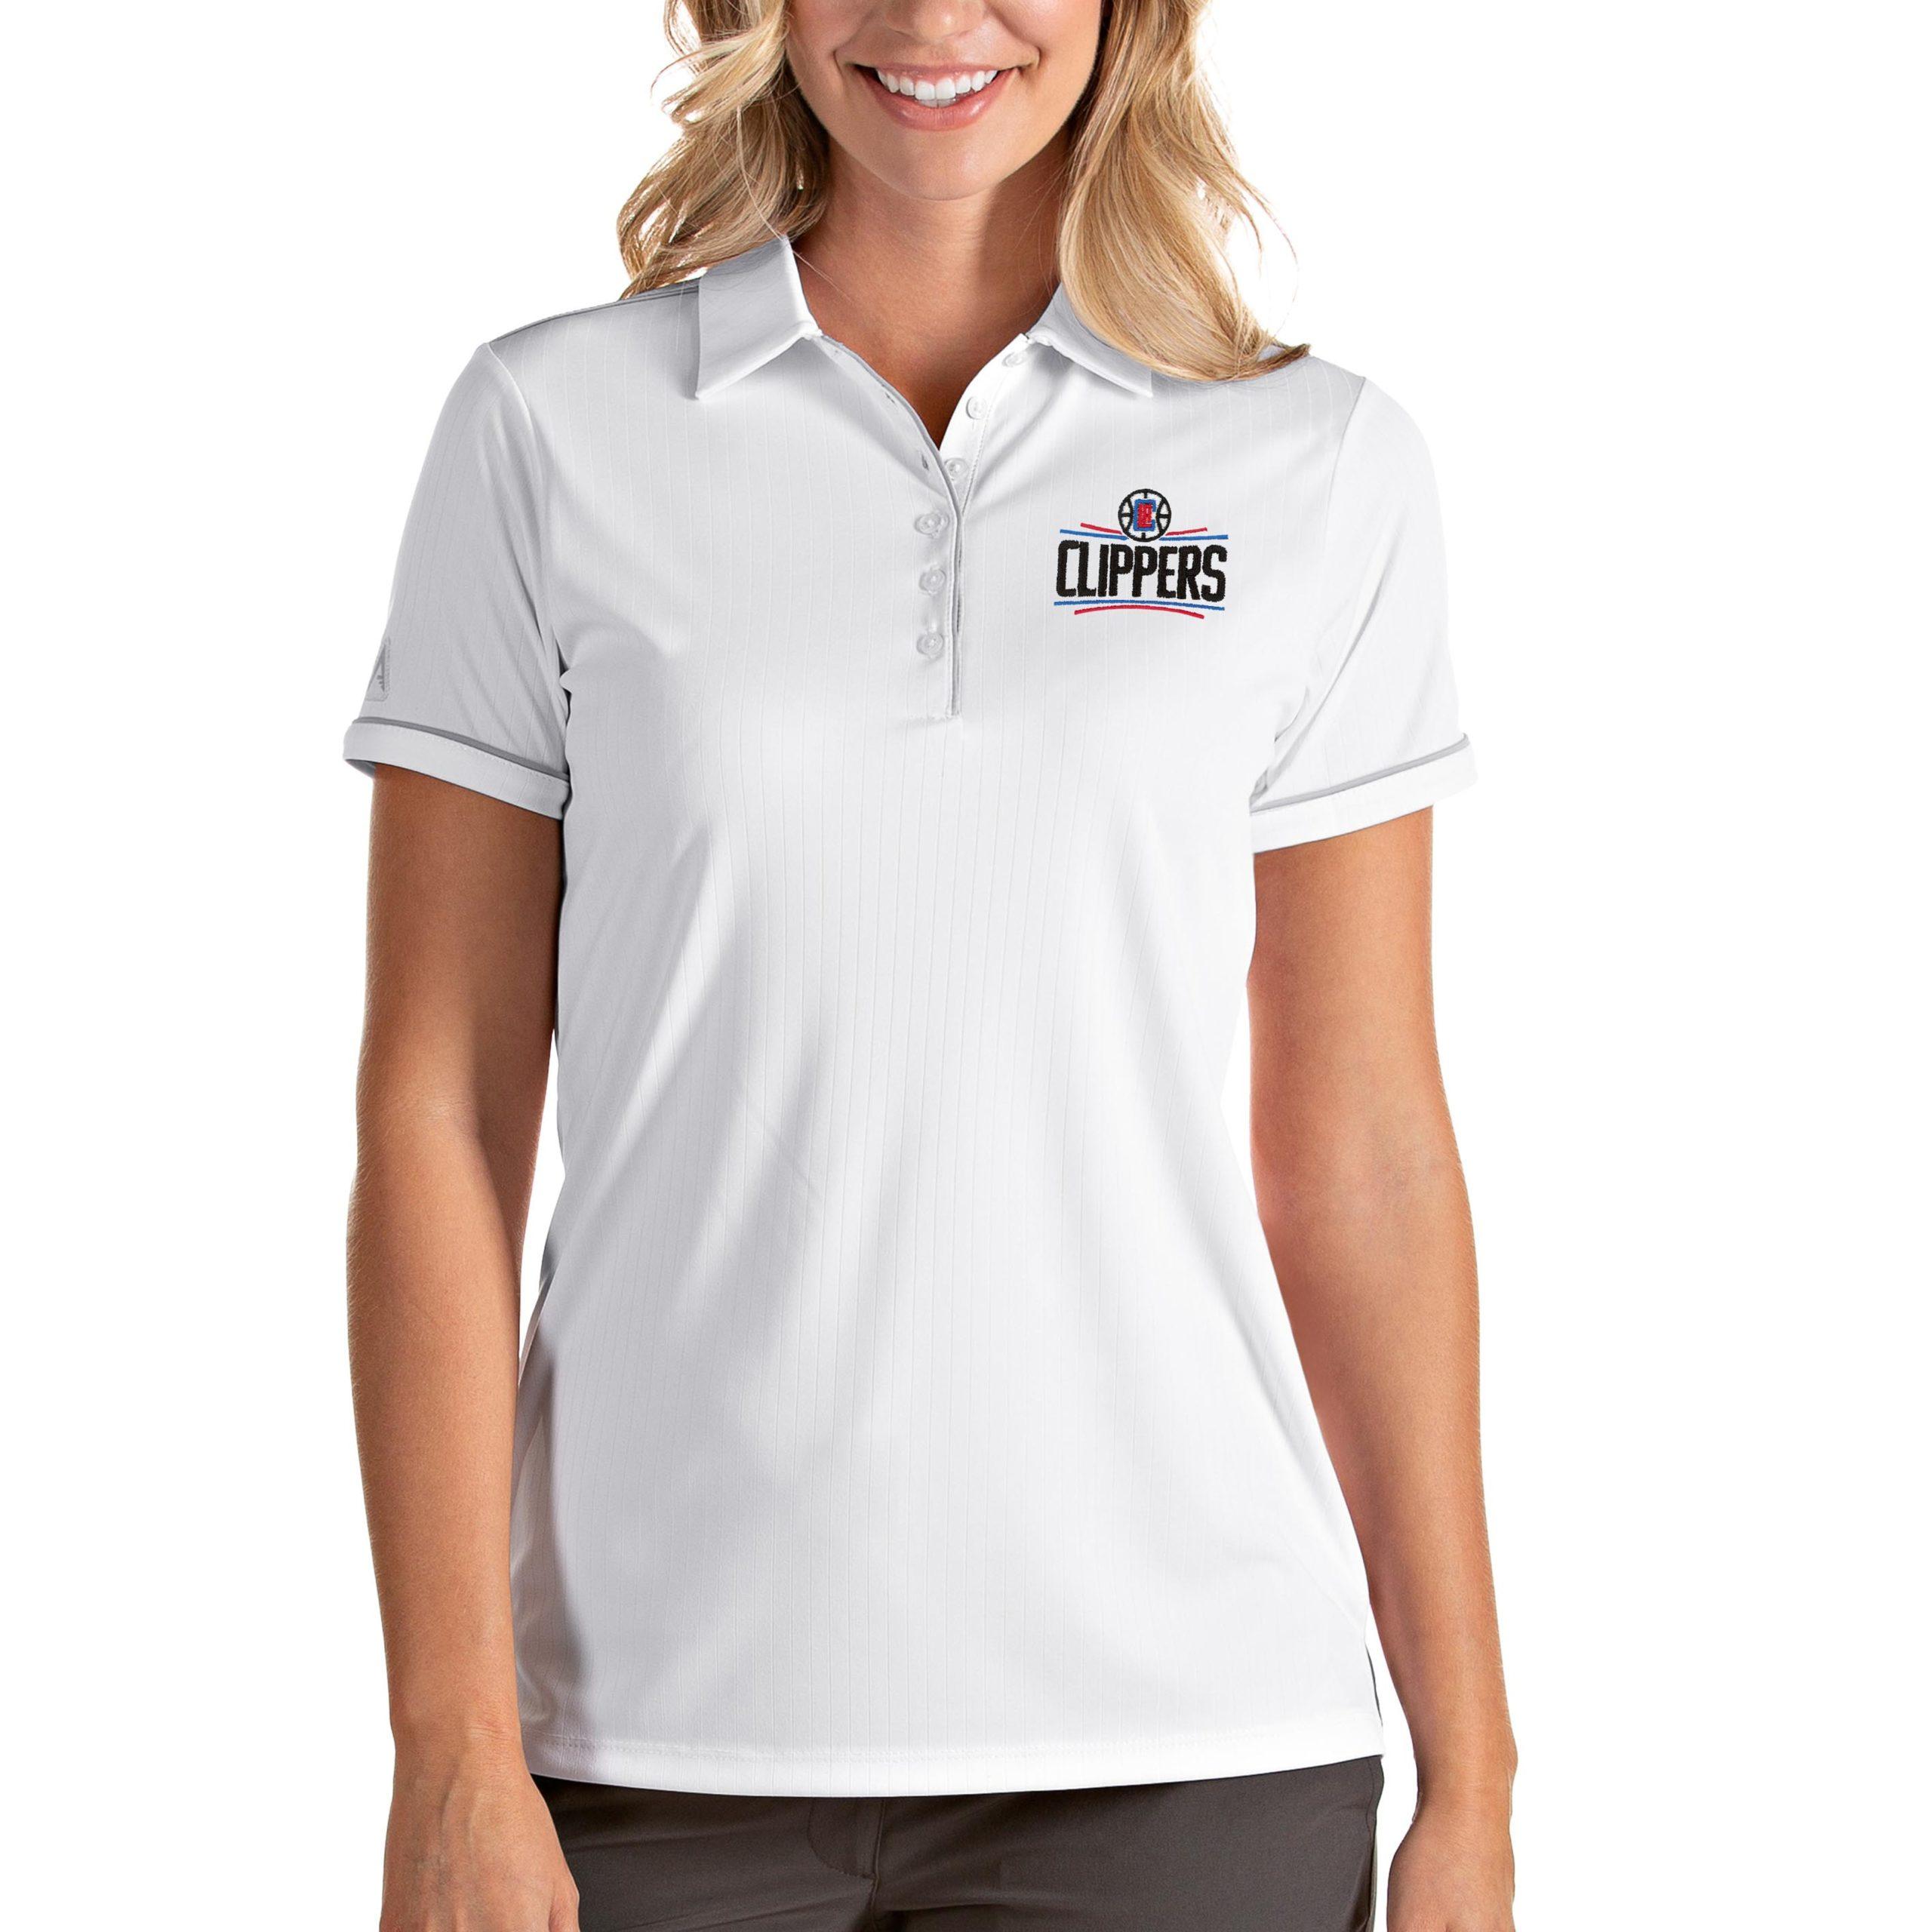 LA Clippers Antigua Women's Salute Polo - White/Silver